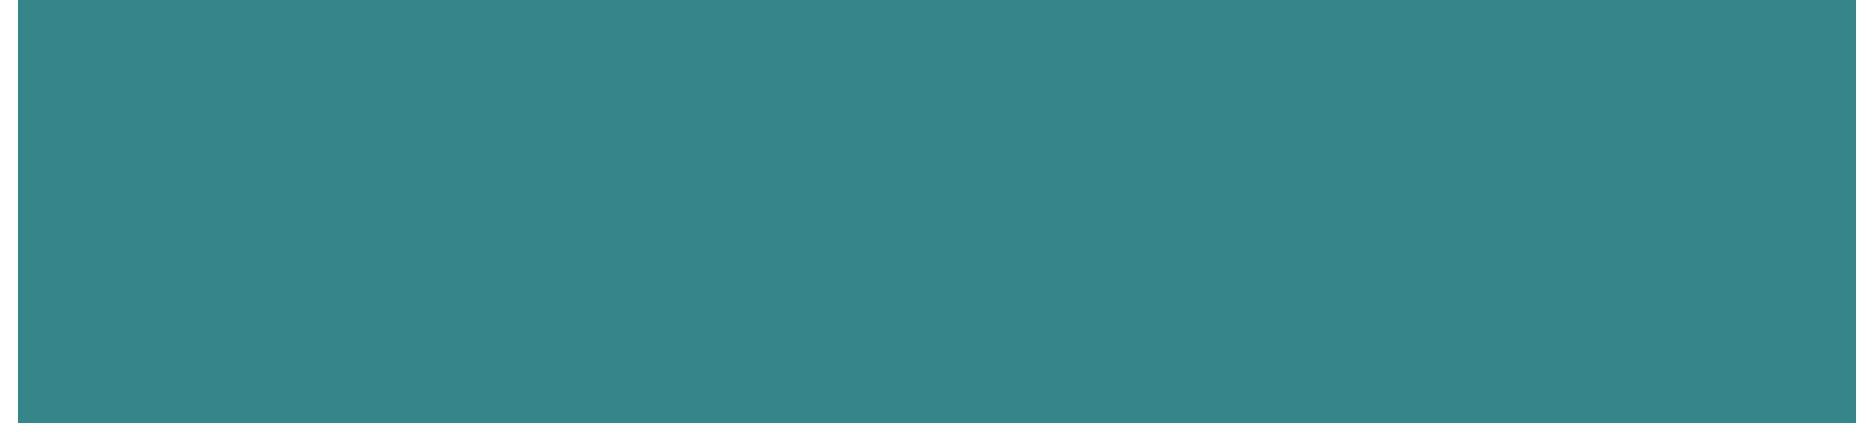 Dr. Fred G. Blum & Associates